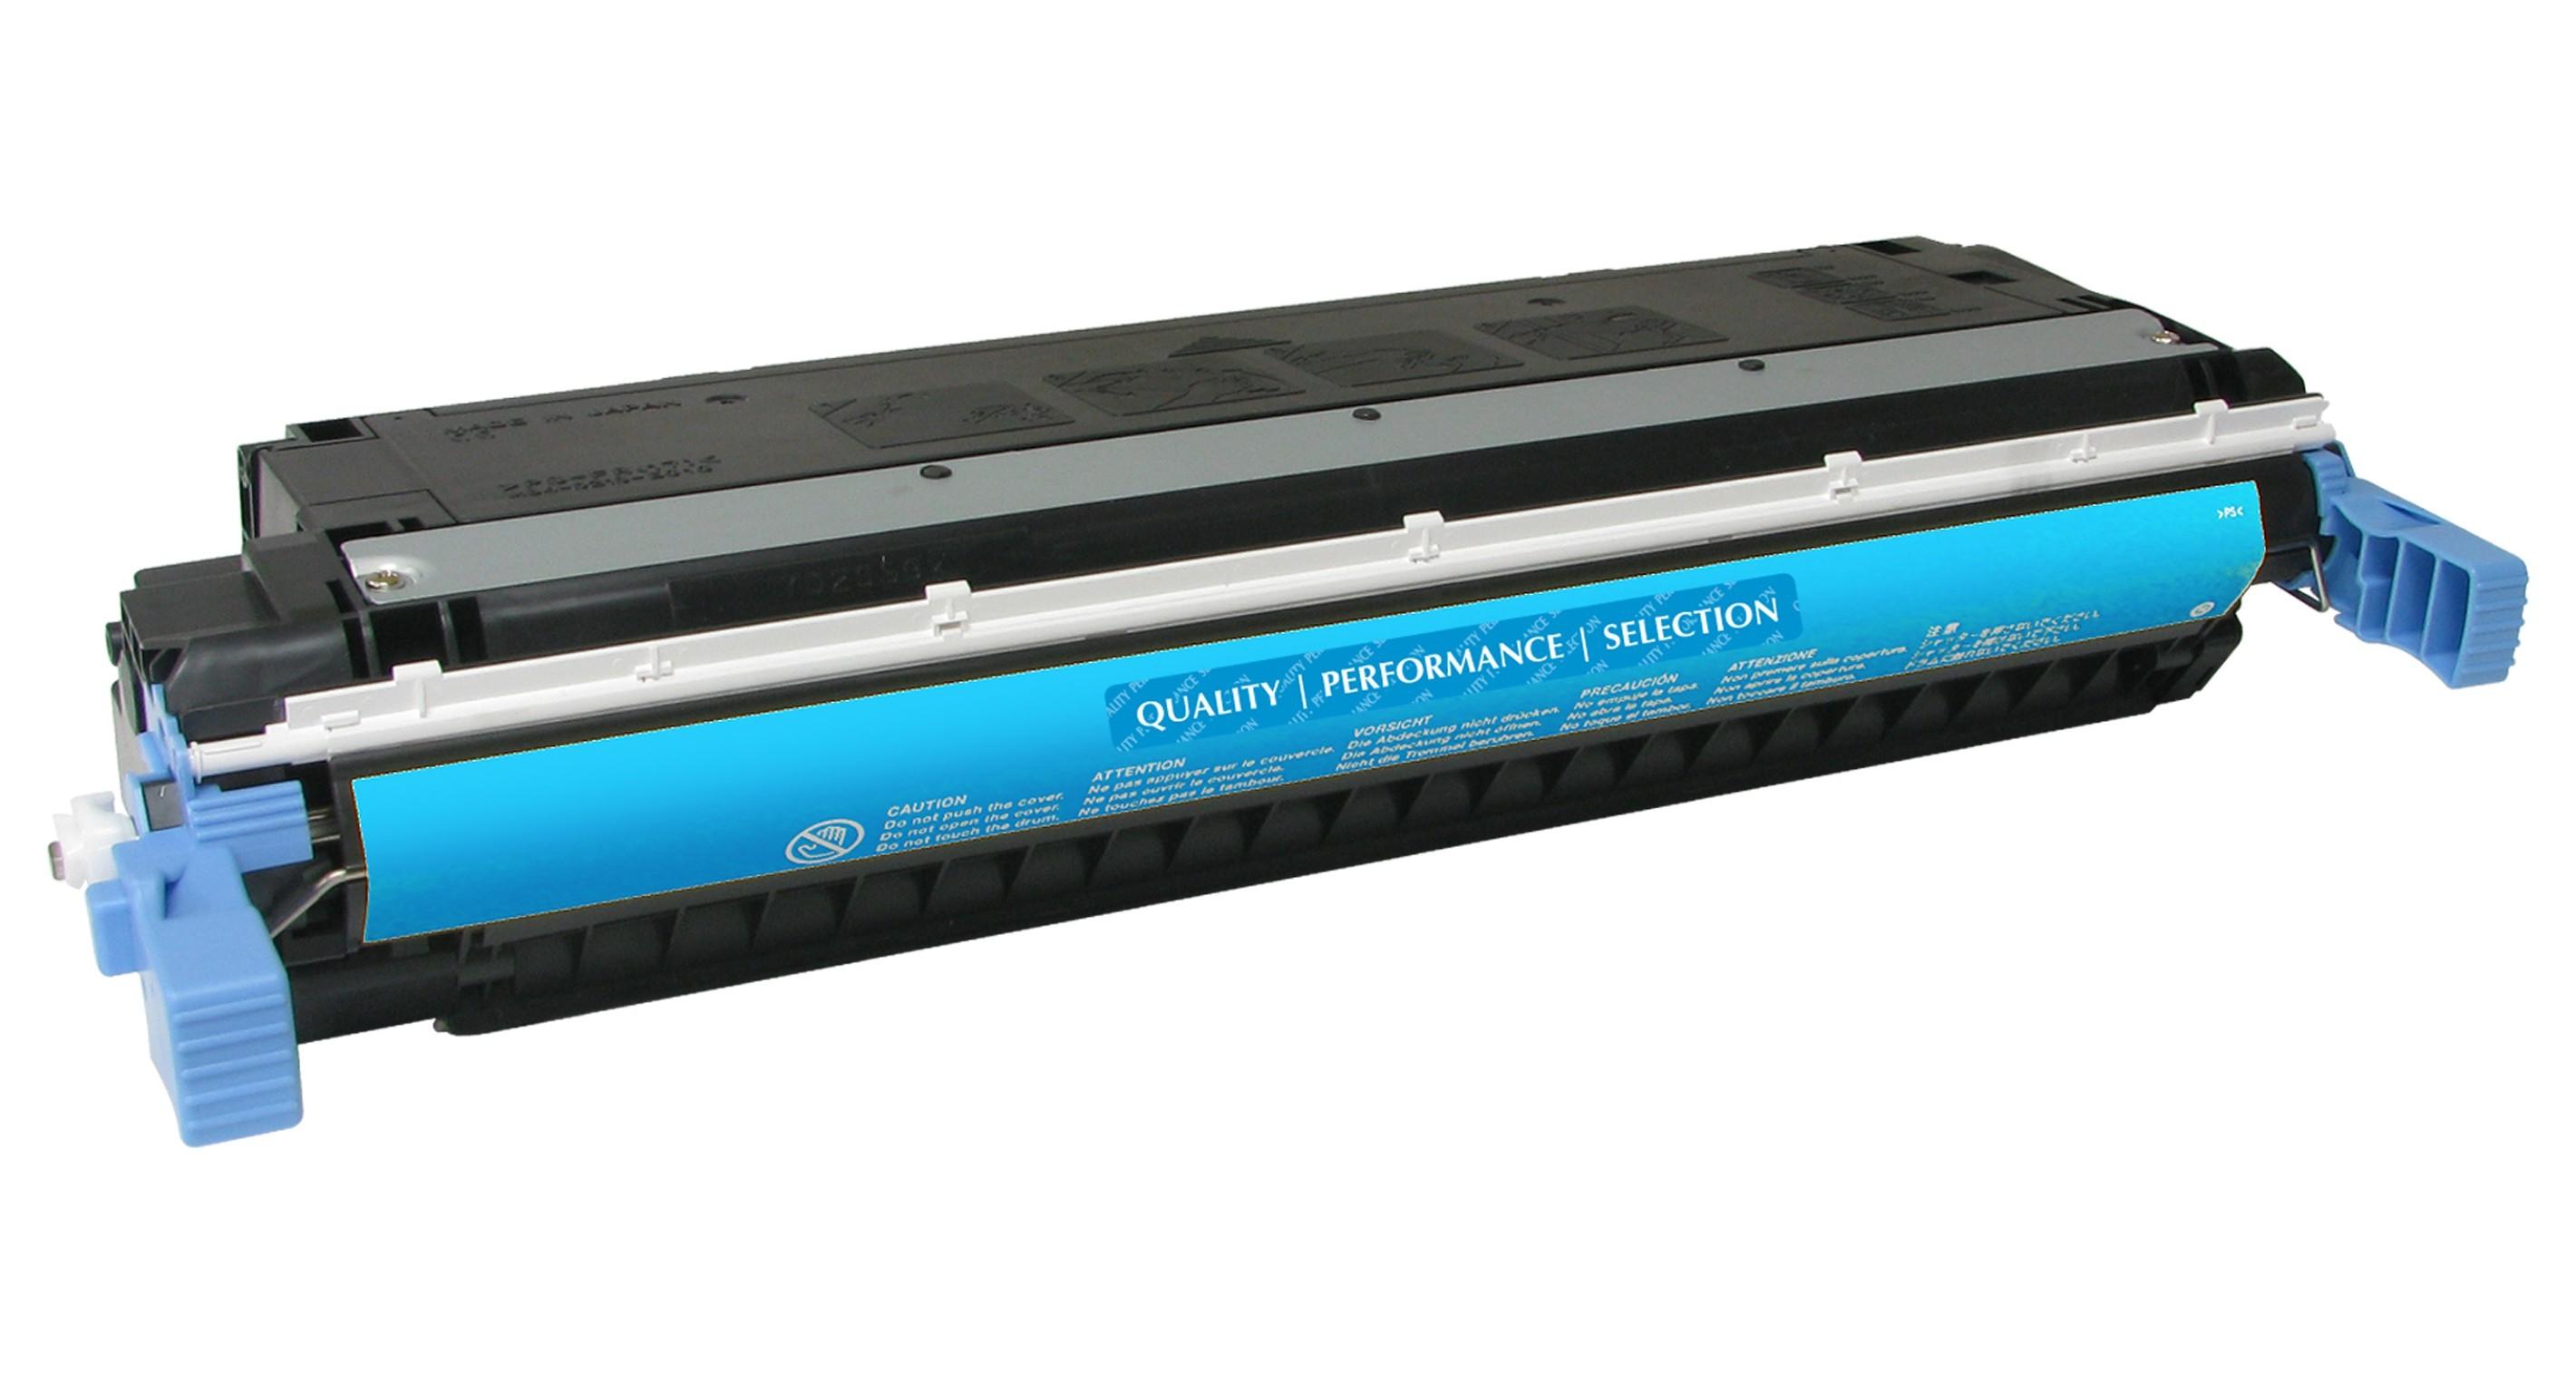 Toner 645a C/y/m Compatibil Hp Remanufacturat Culoare: Cyan